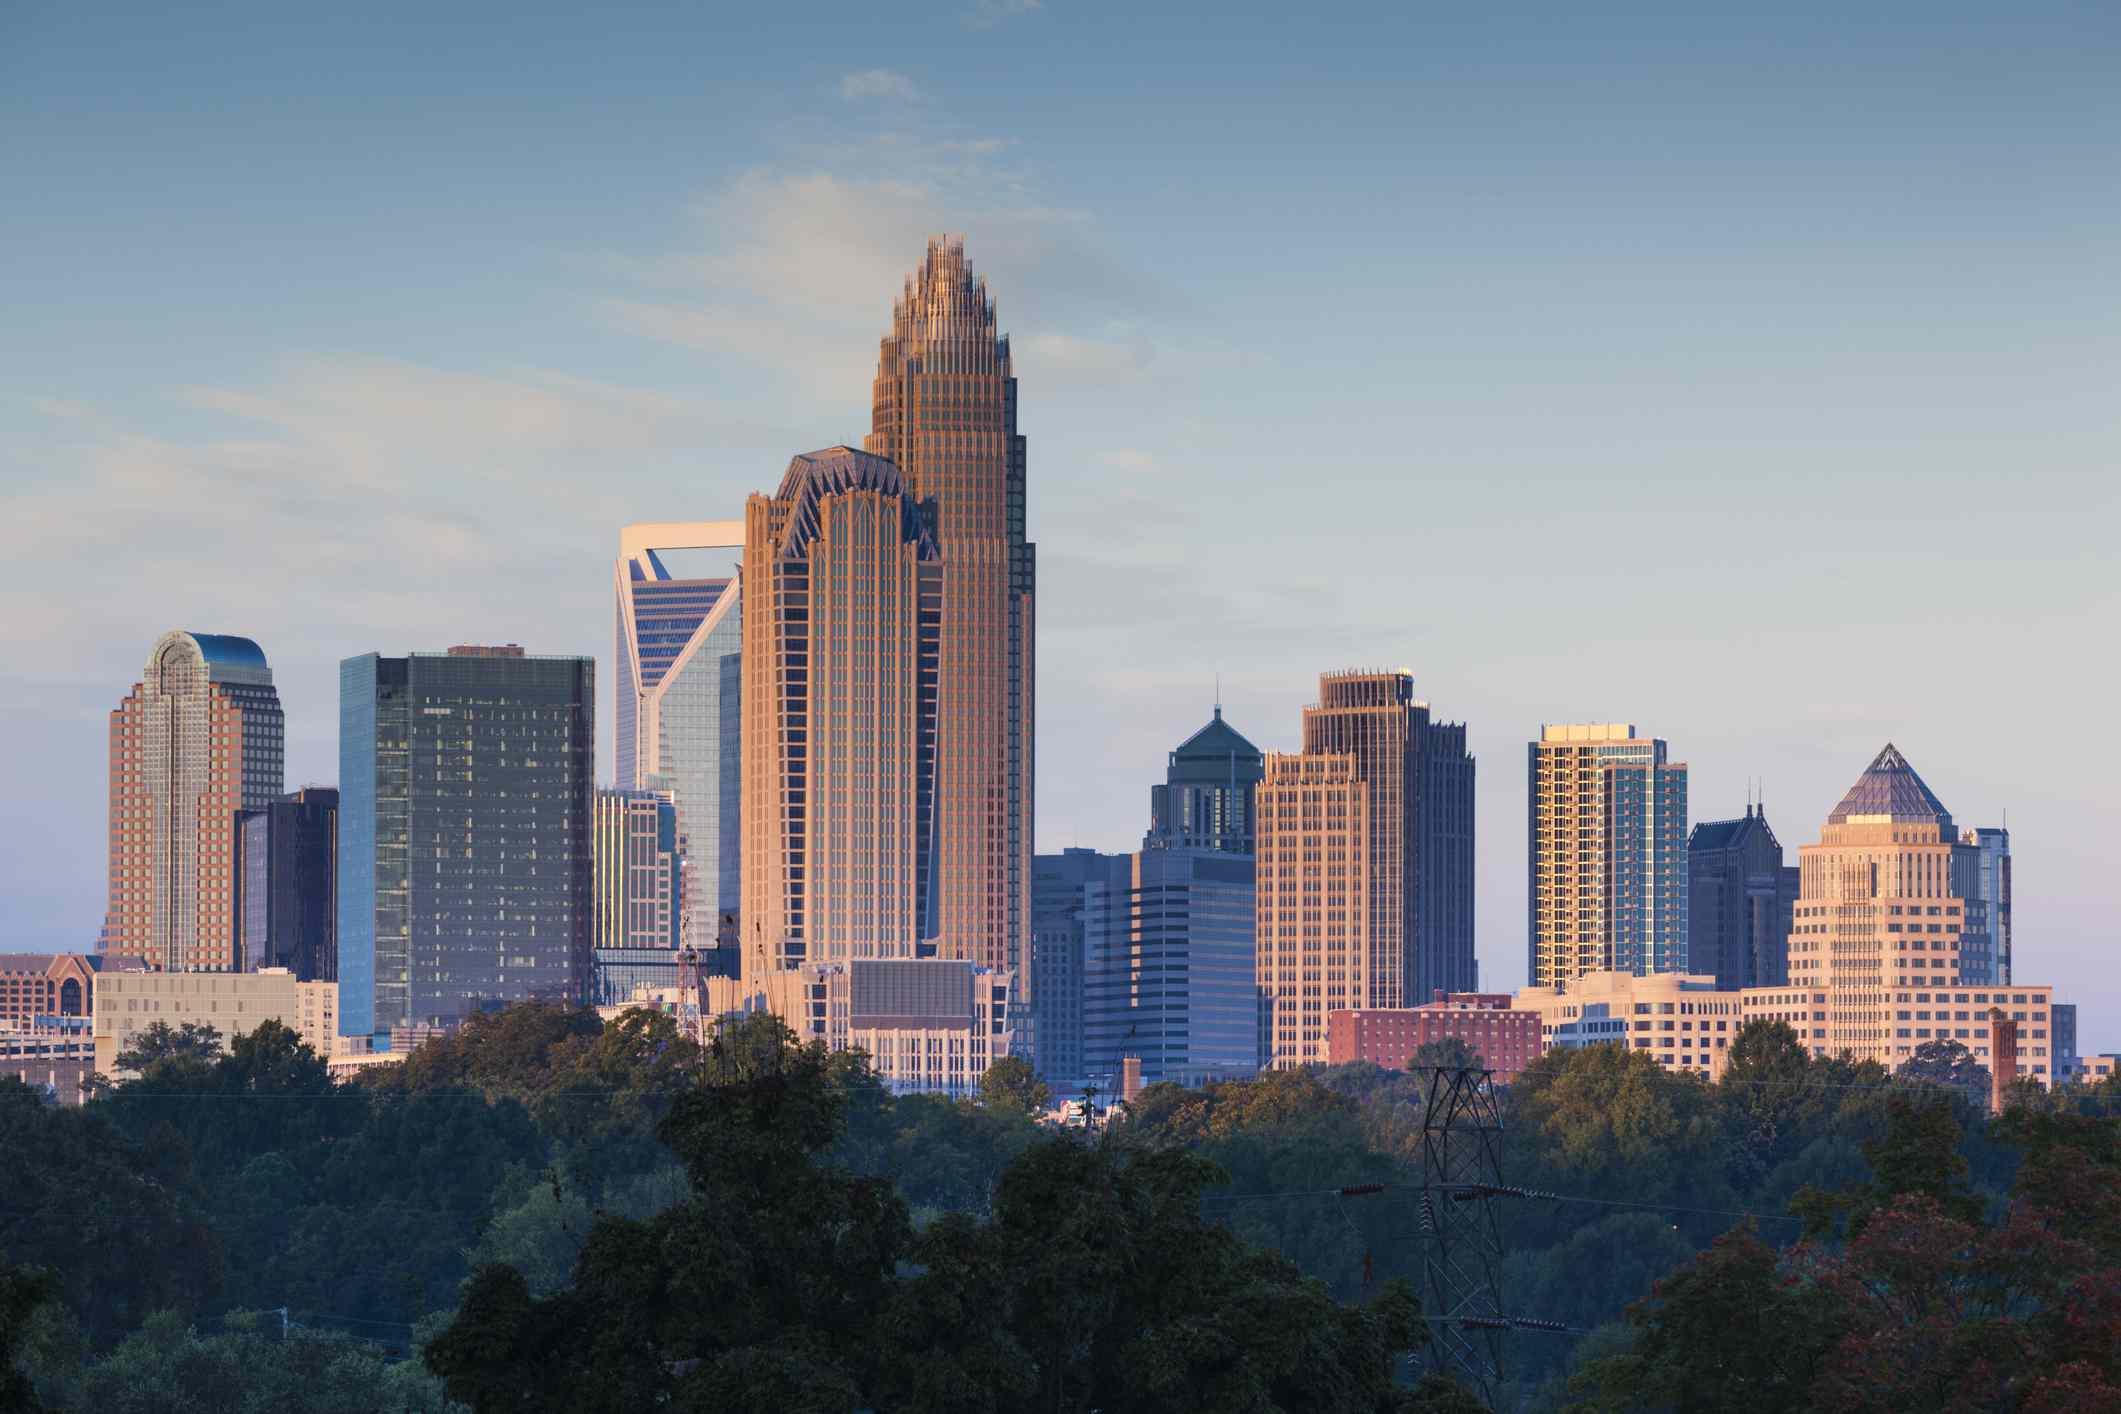 El horizonte de Charlotte.